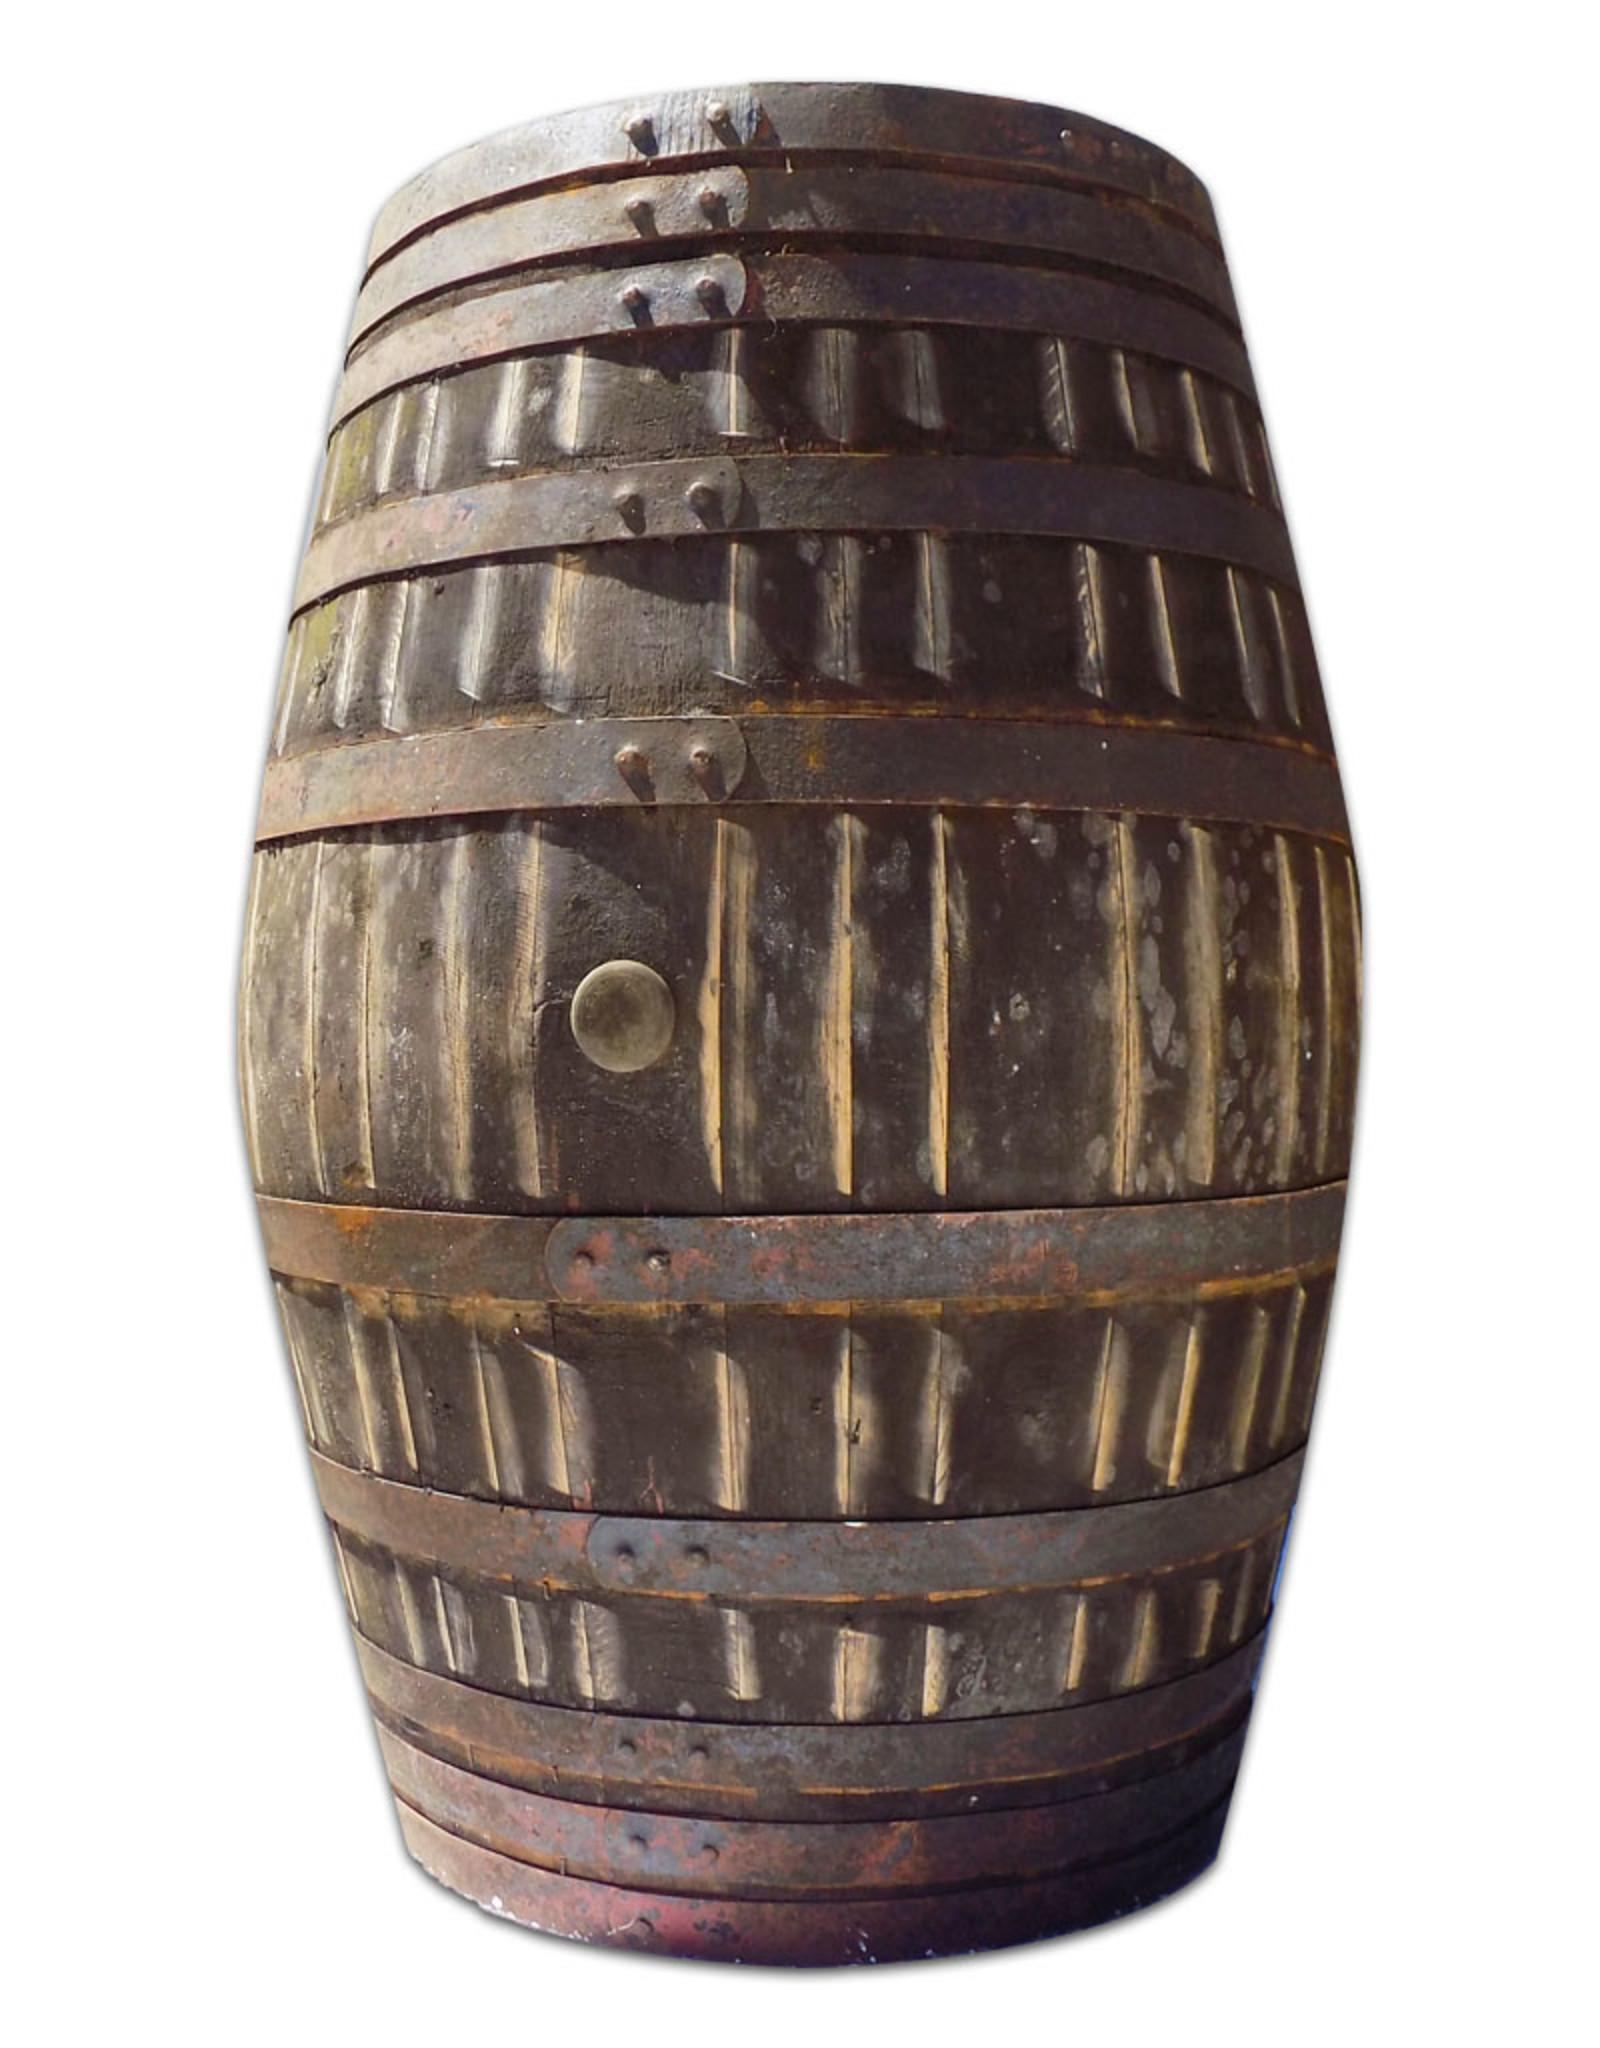 500 L SHERRYFASS PEDRO XIMÉNEZ SPANISCHE EICHE - 30 JAHRE